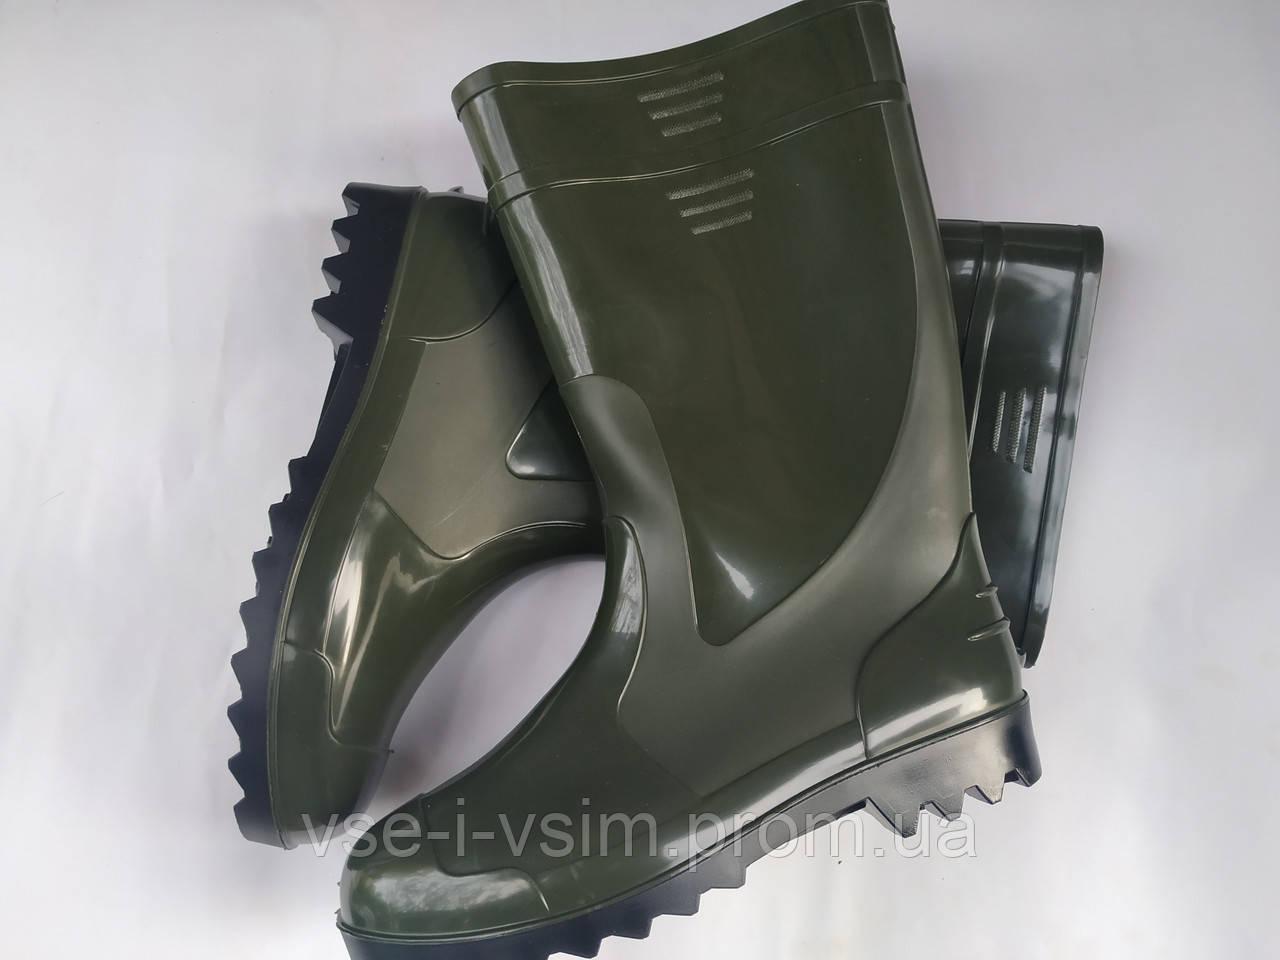 Резиновые сапоги Litma размер 44